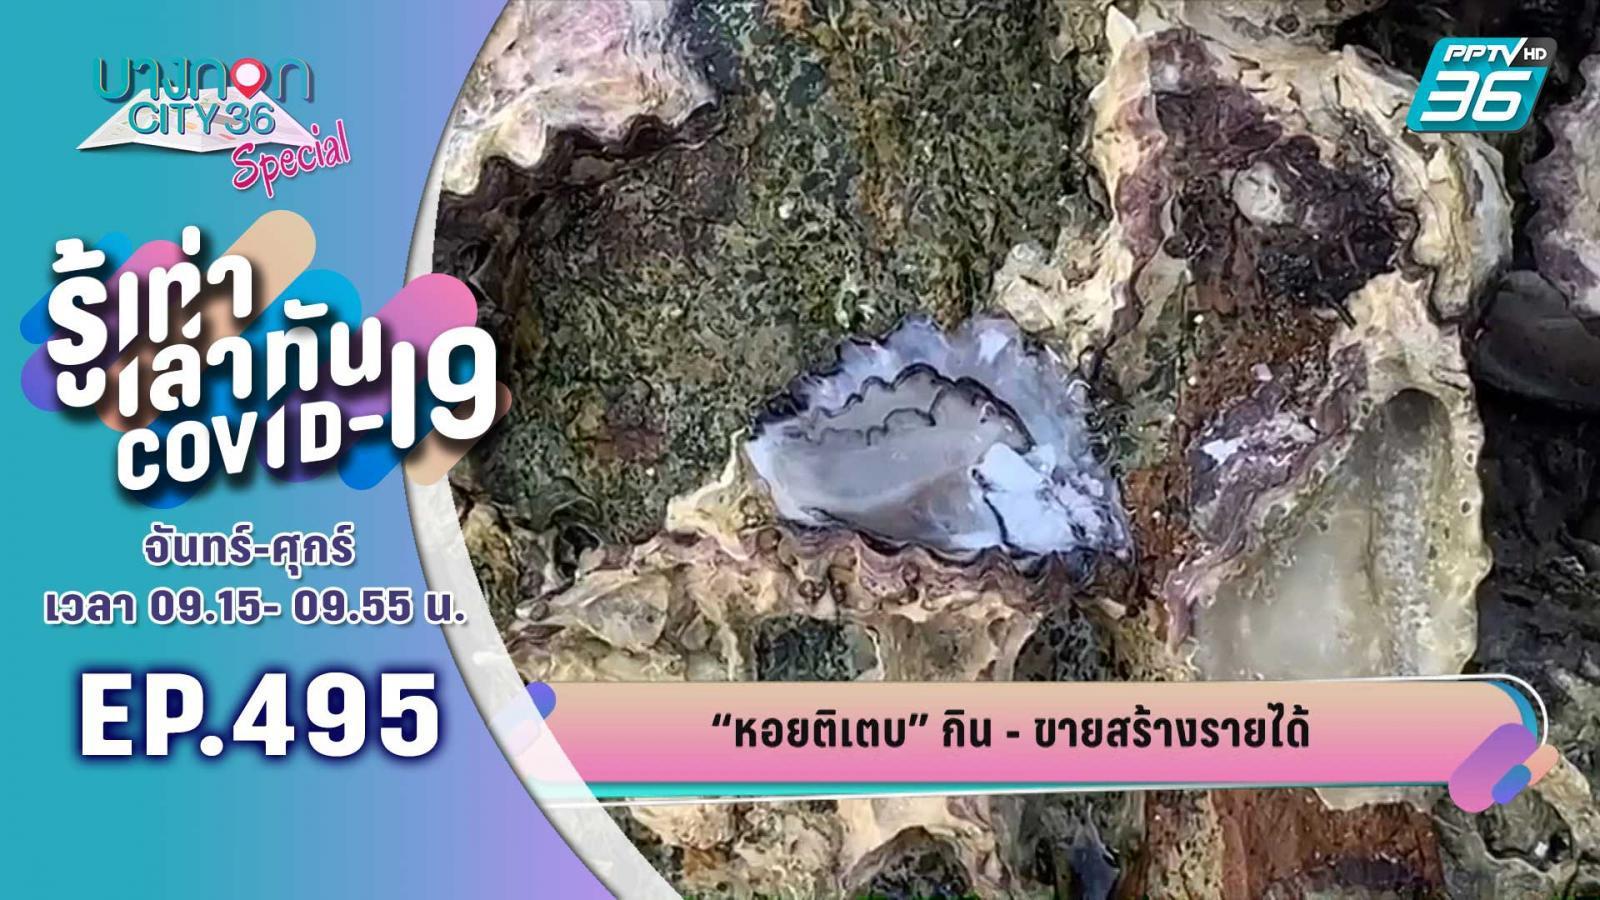 ชาวเกาะลิบง แงะหอยติเตบ กิน – ขาย สร้างรายได้ ช่วงมรสุม